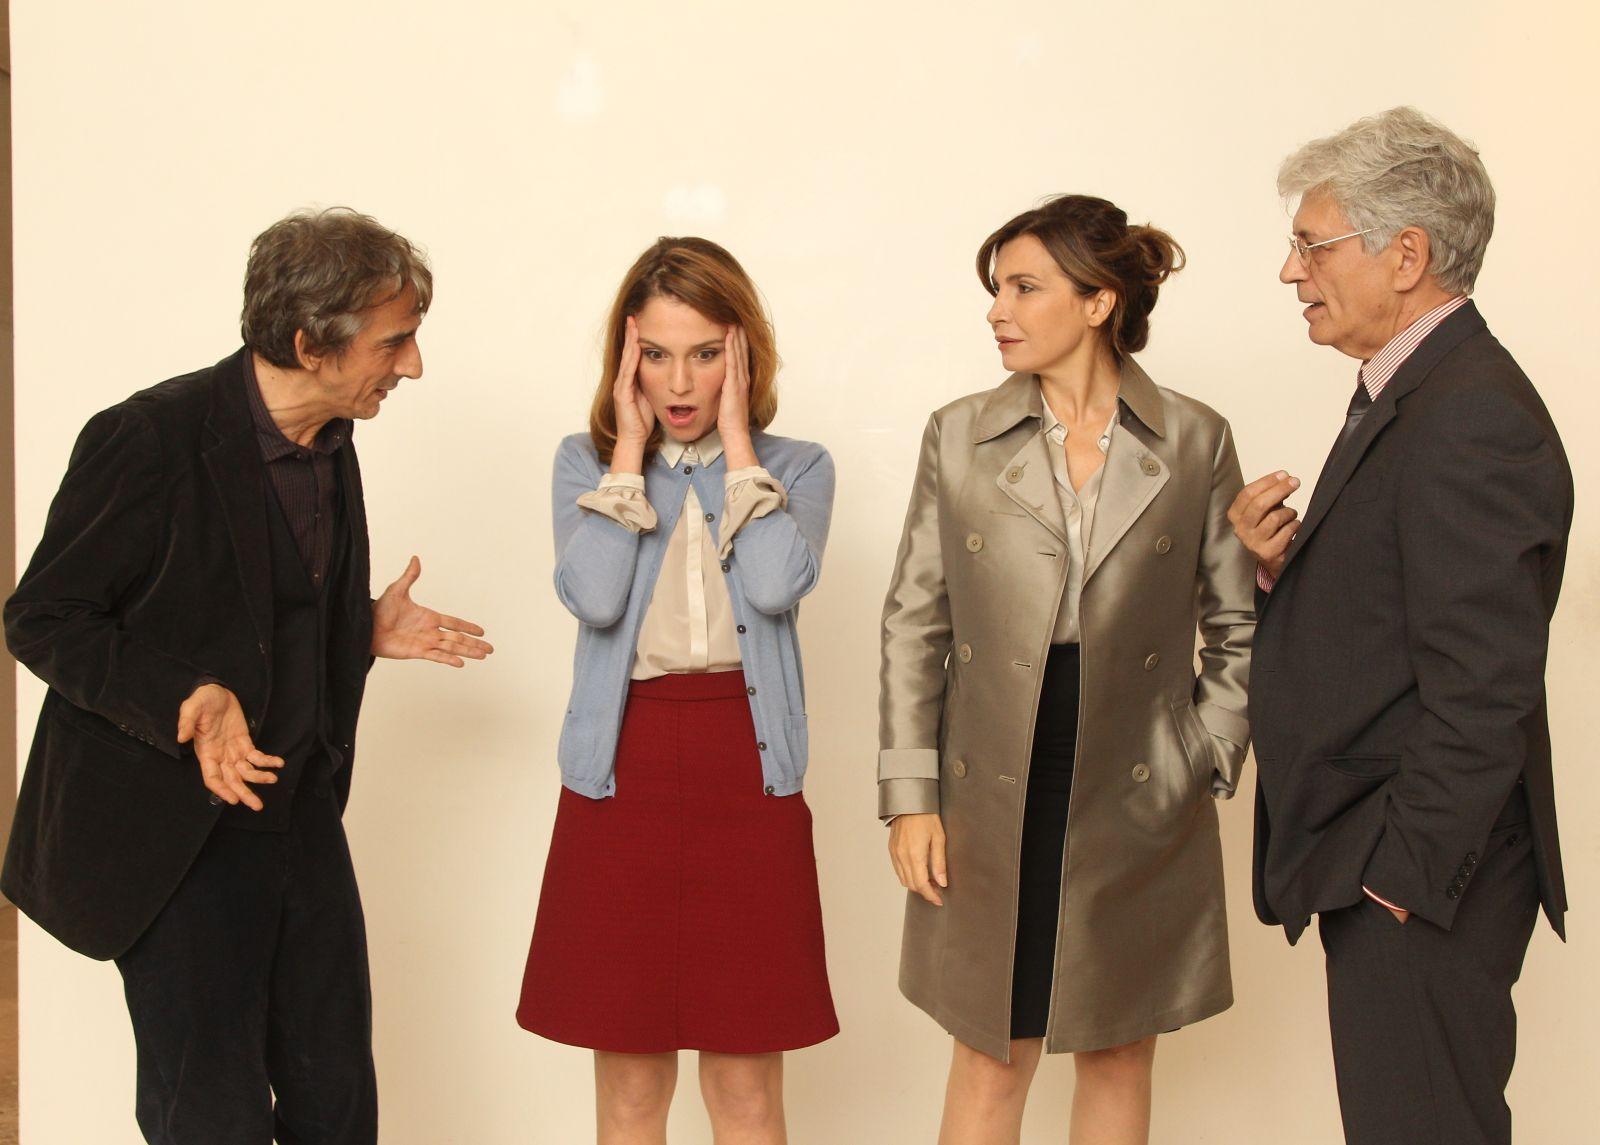 Dobbiamo parlare: i quattro protagonisti del film in una foto dal set